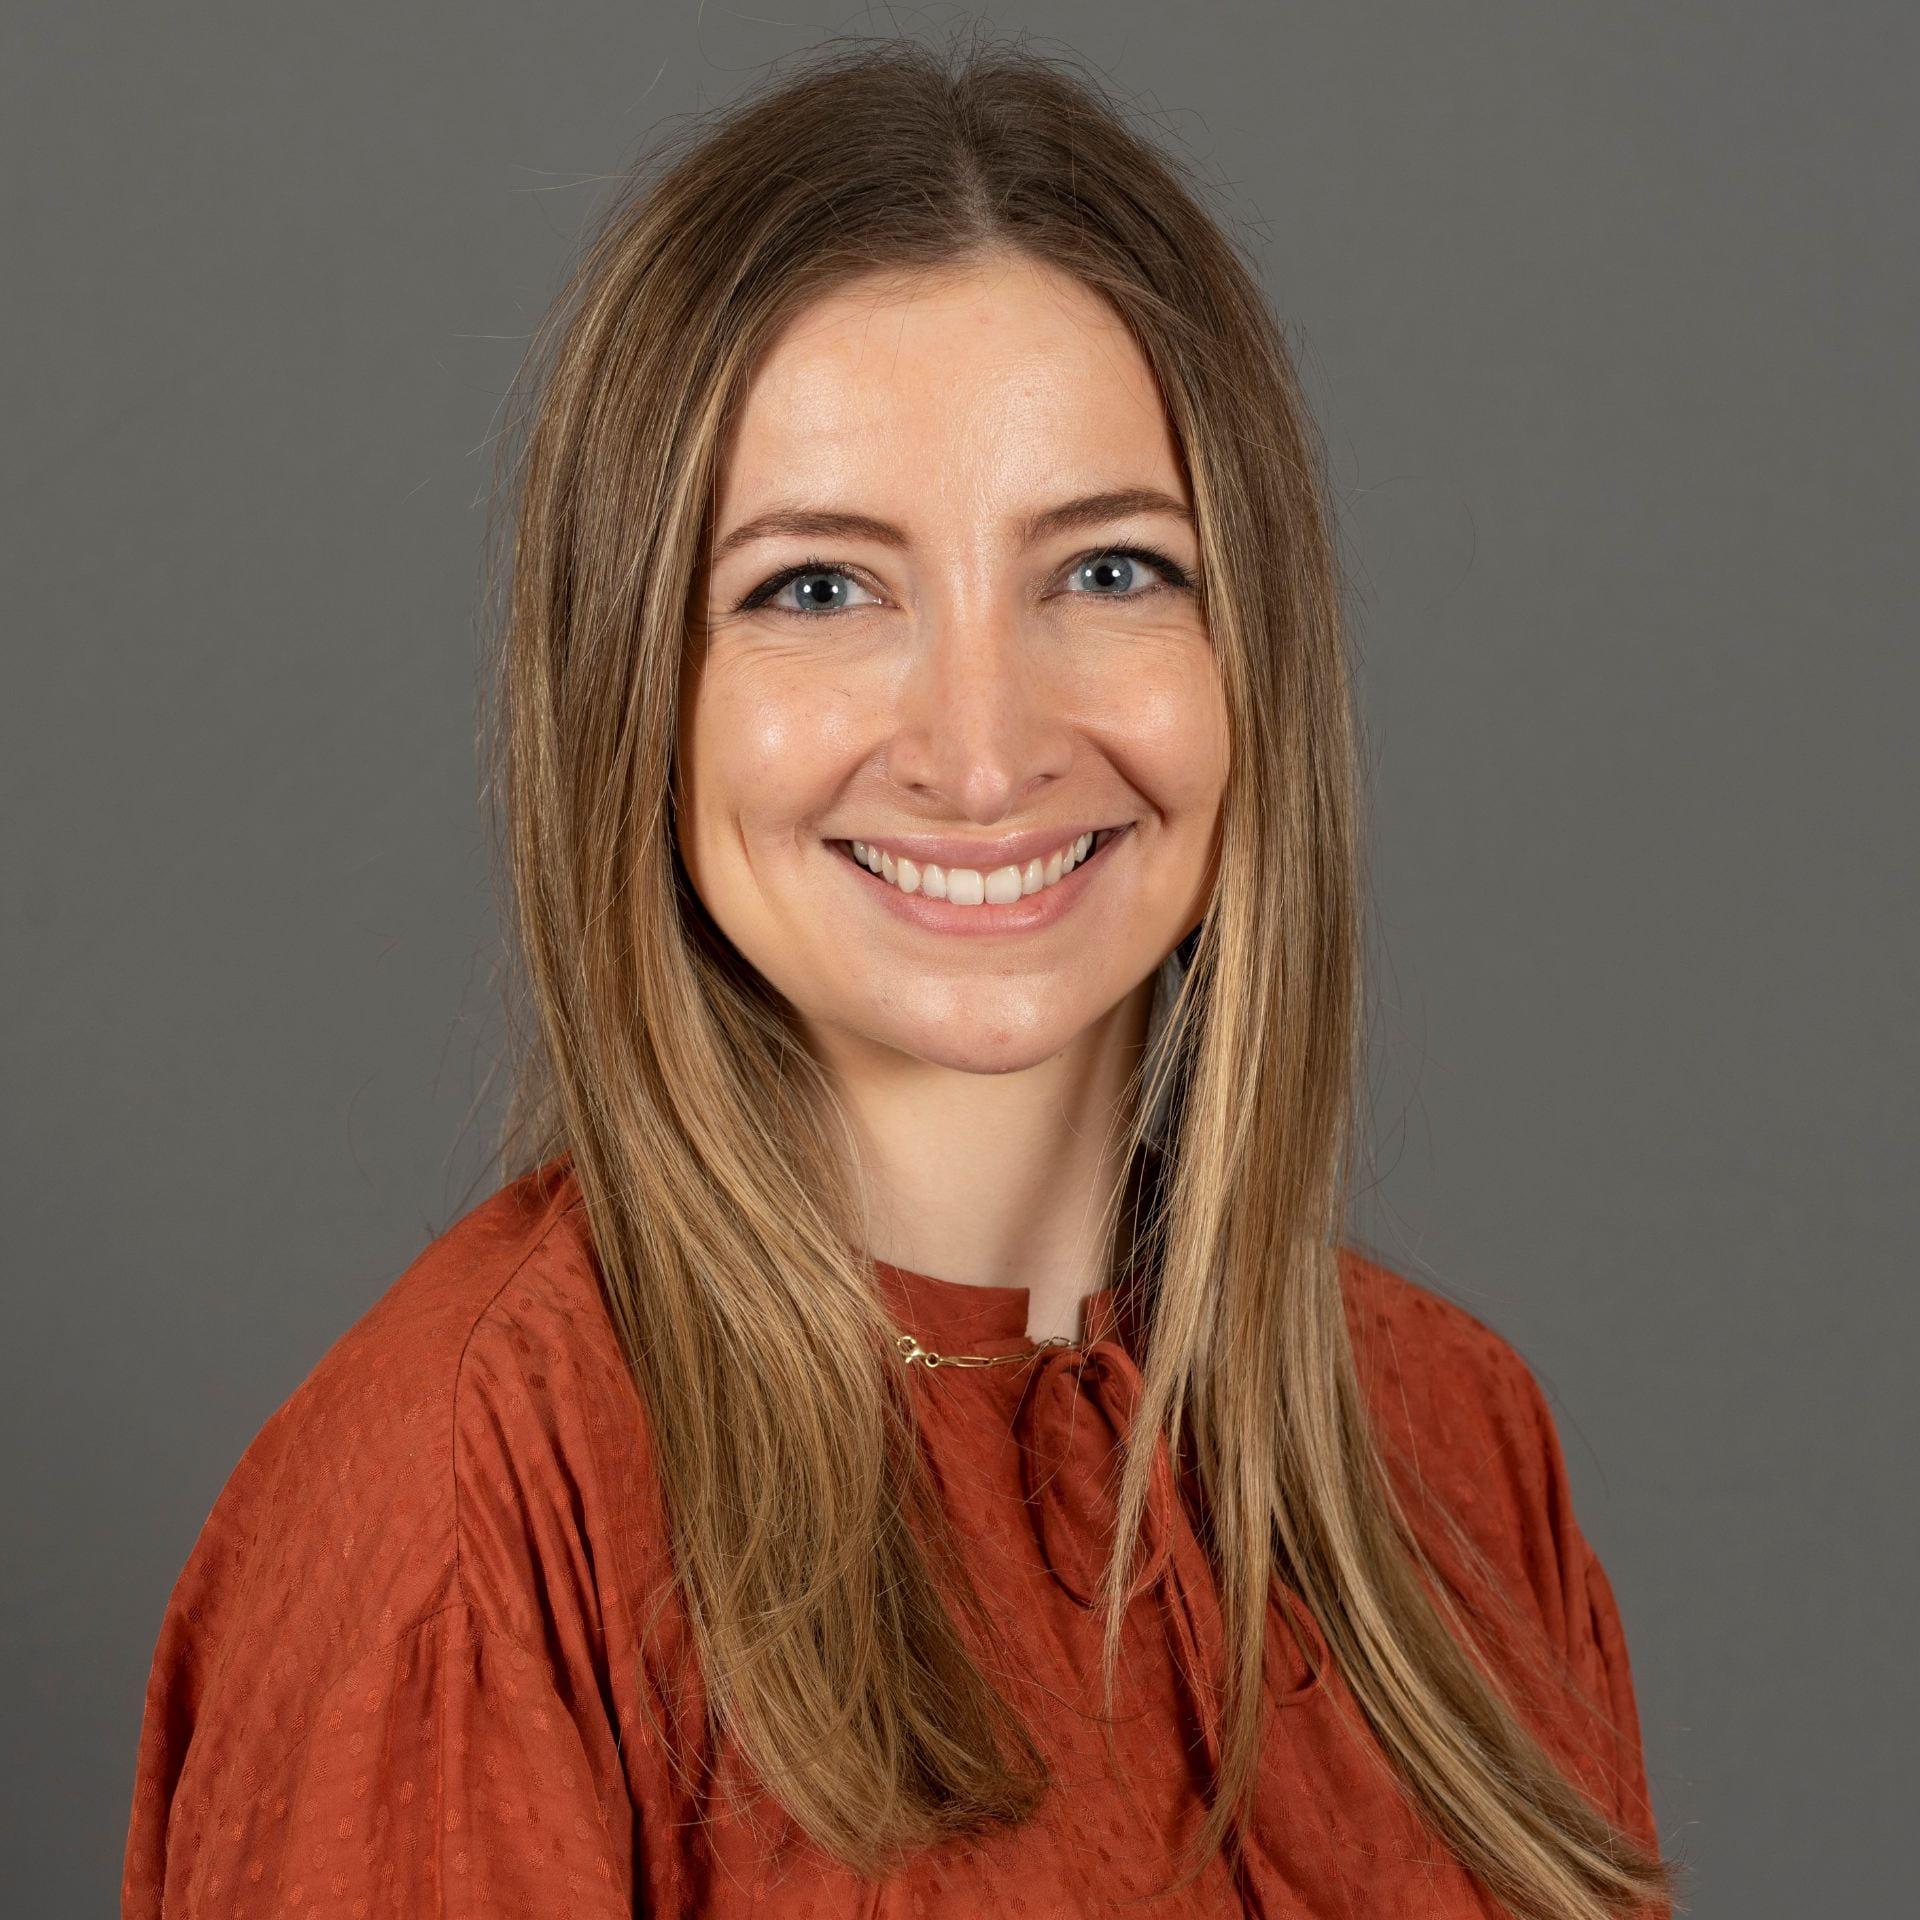 Bridget Clancy, DVM